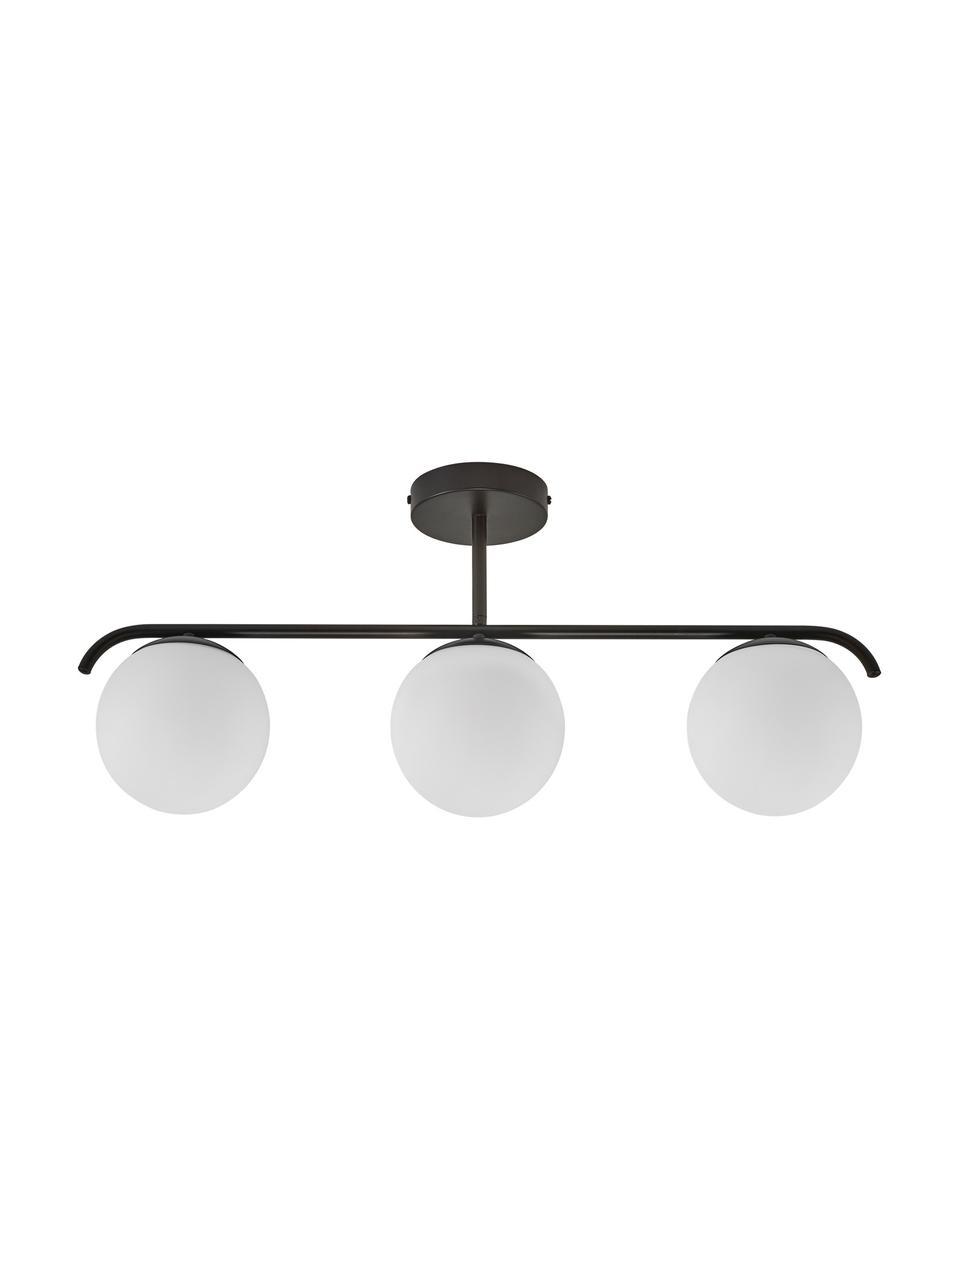 Deckenleuchte Grant aus Opalglas, Baldachin: Metall, beschichtet, Weiß, Schwarz, 70 x 30 cm